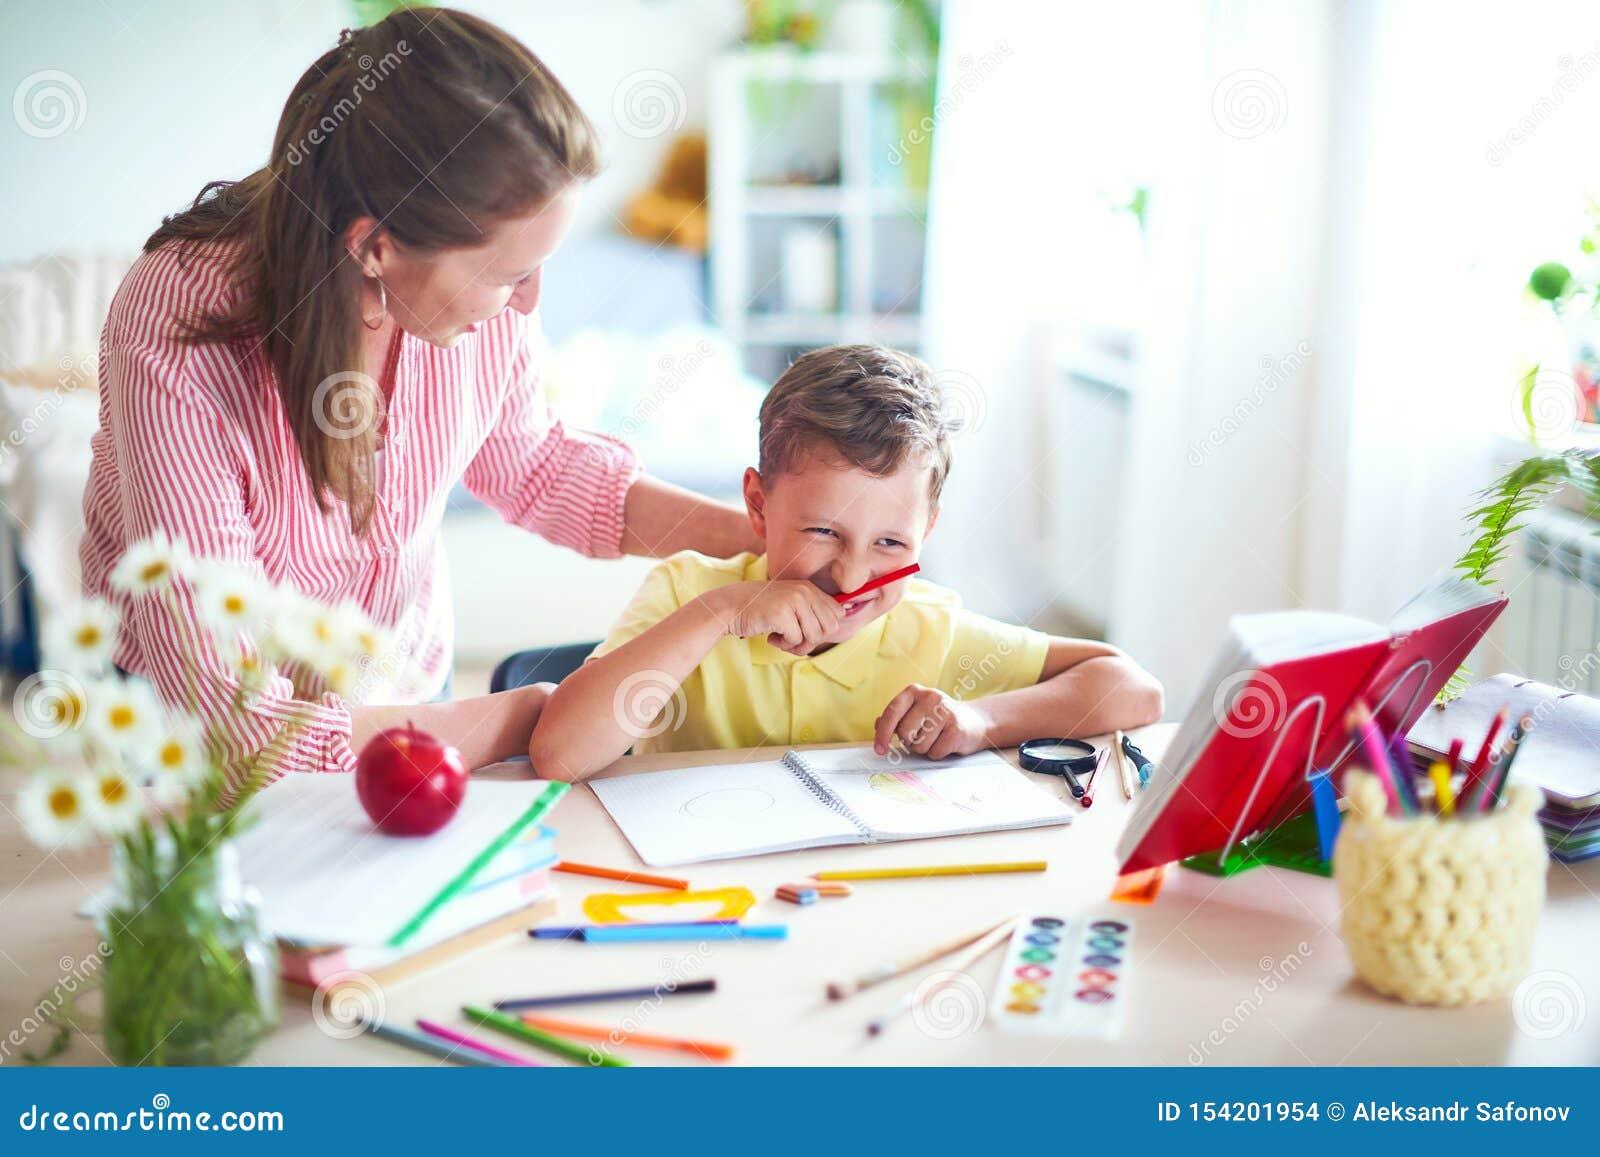 La madre ayuda al hijo a hacer lecciones el enseñar casero, lecciones caseras el profesor particular se involucra con el niño, en